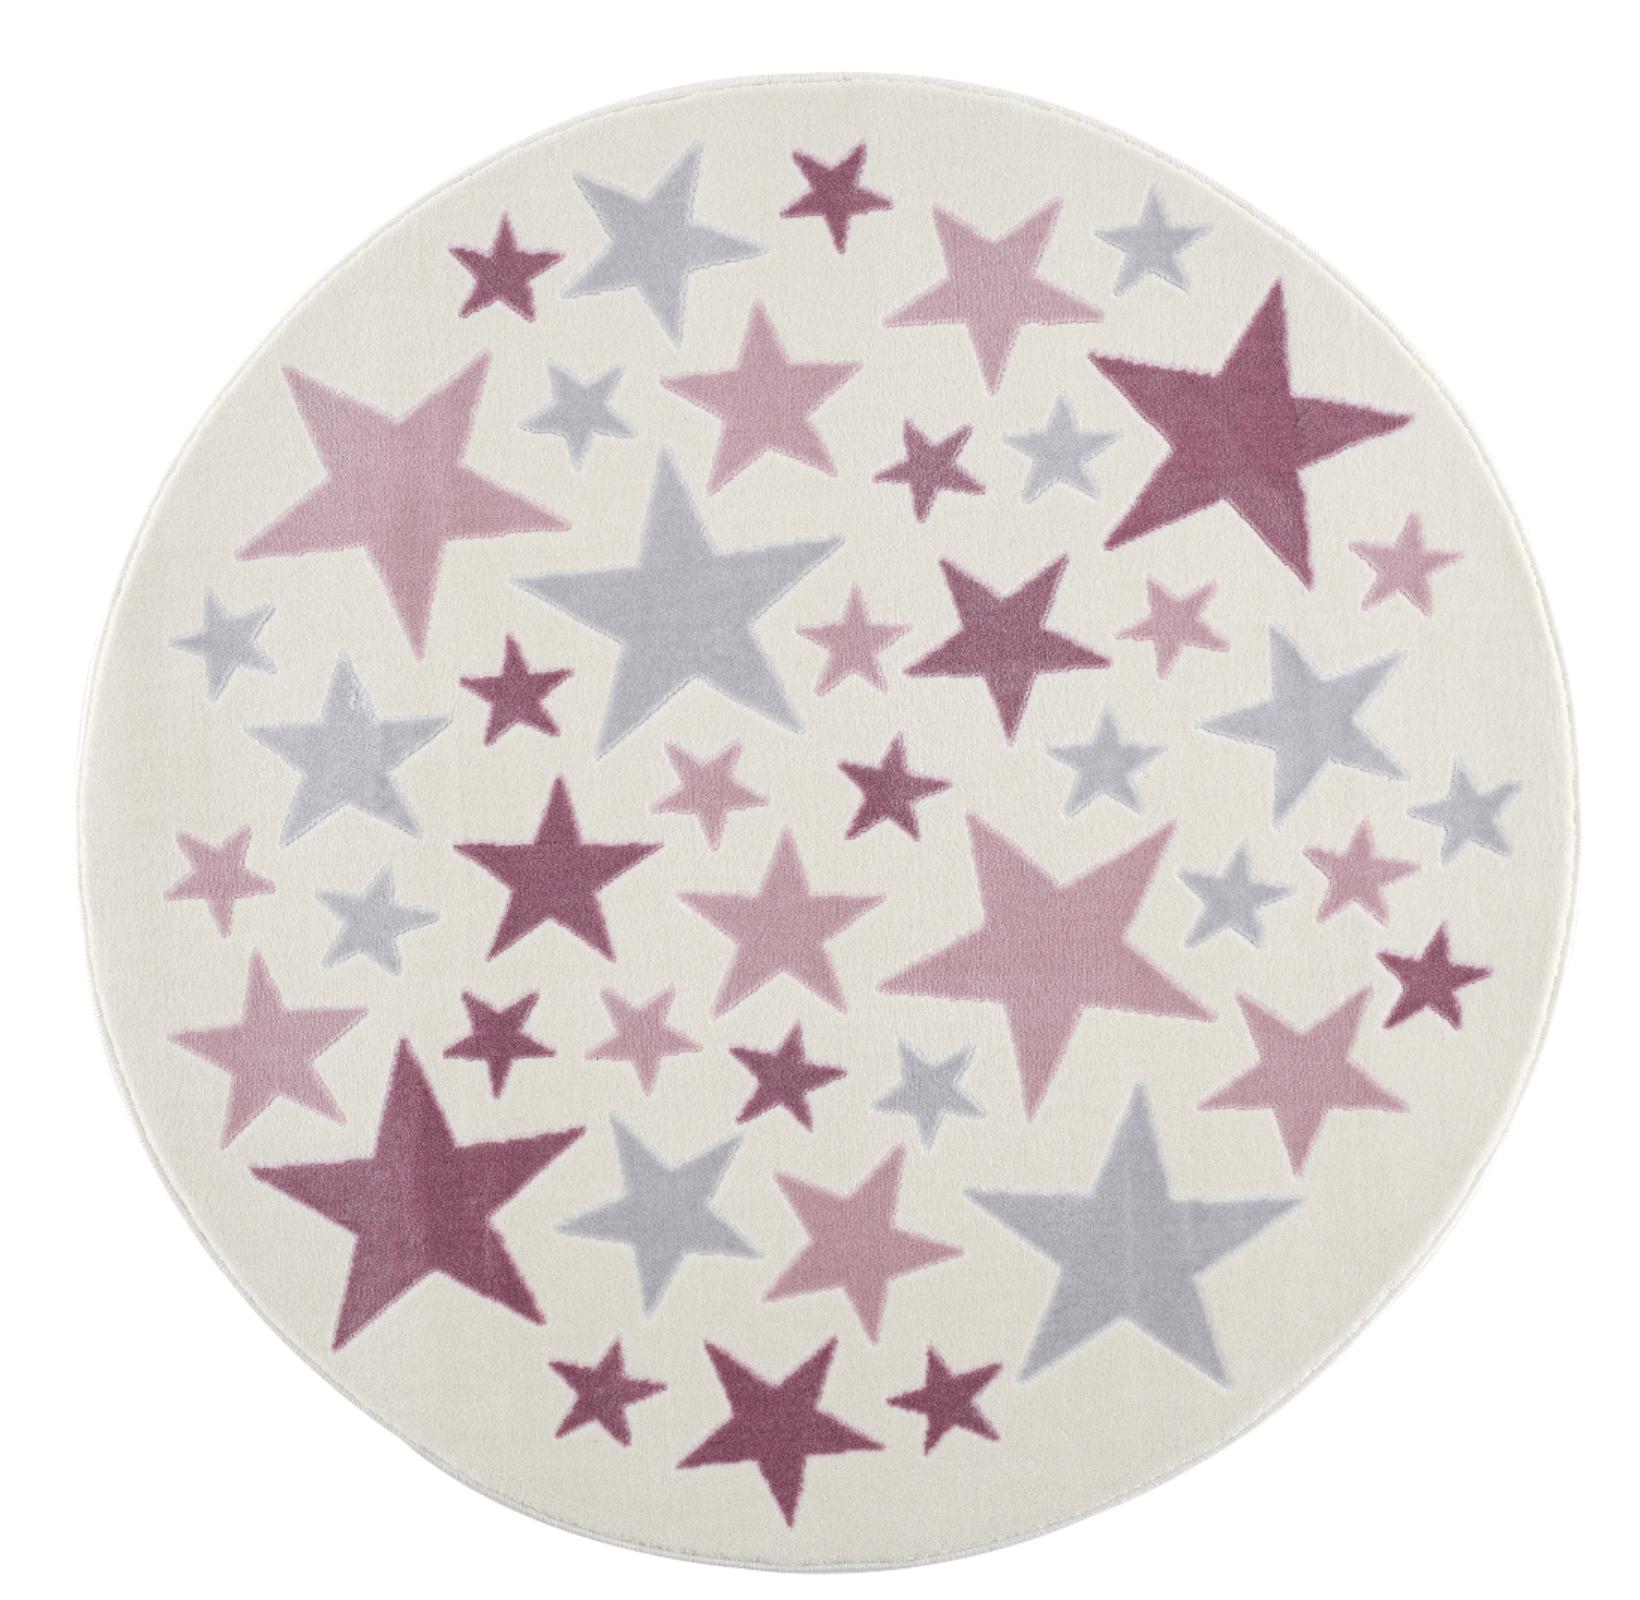 Dětský koberec Stella - krémová/růžová 133cm